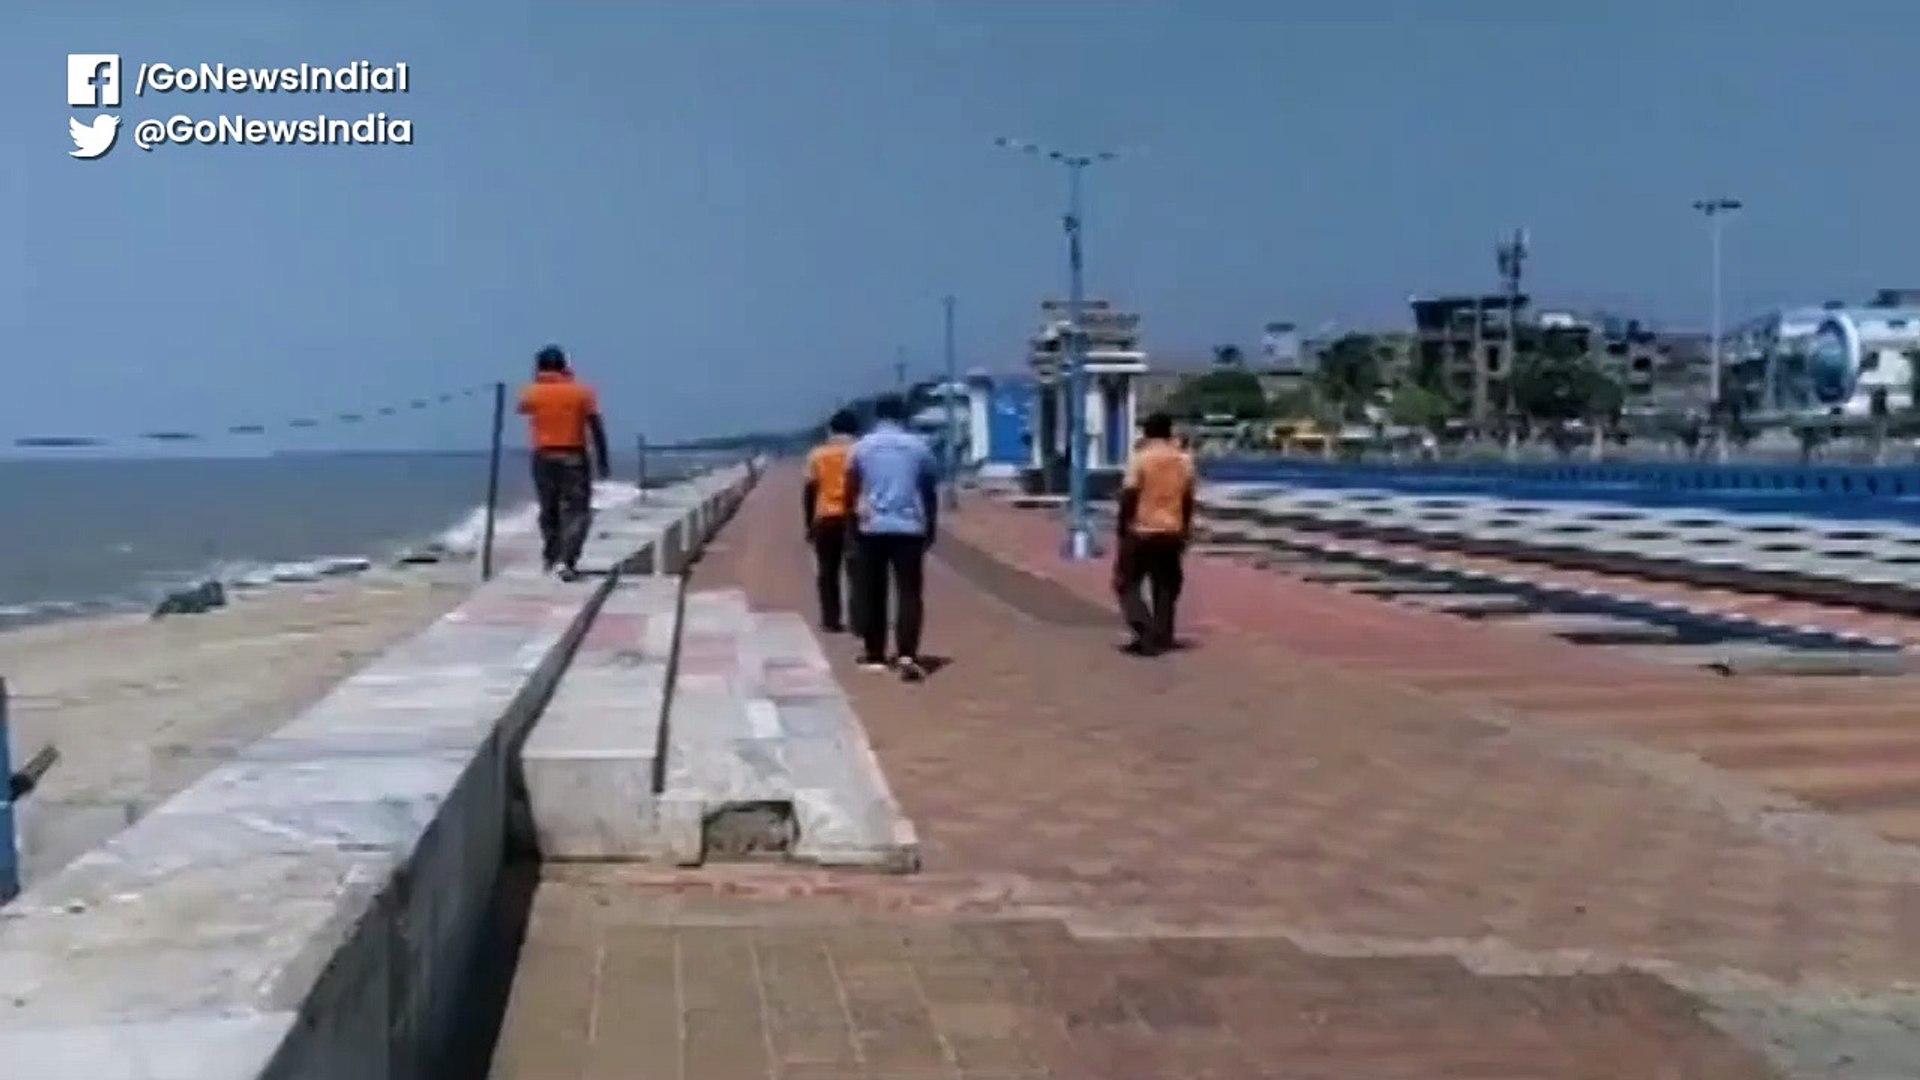 बंगाल की खाड़ी से उठा तूफ़ान, पश्चिम बंगाल, ओडिशा में हाई अलर्ट